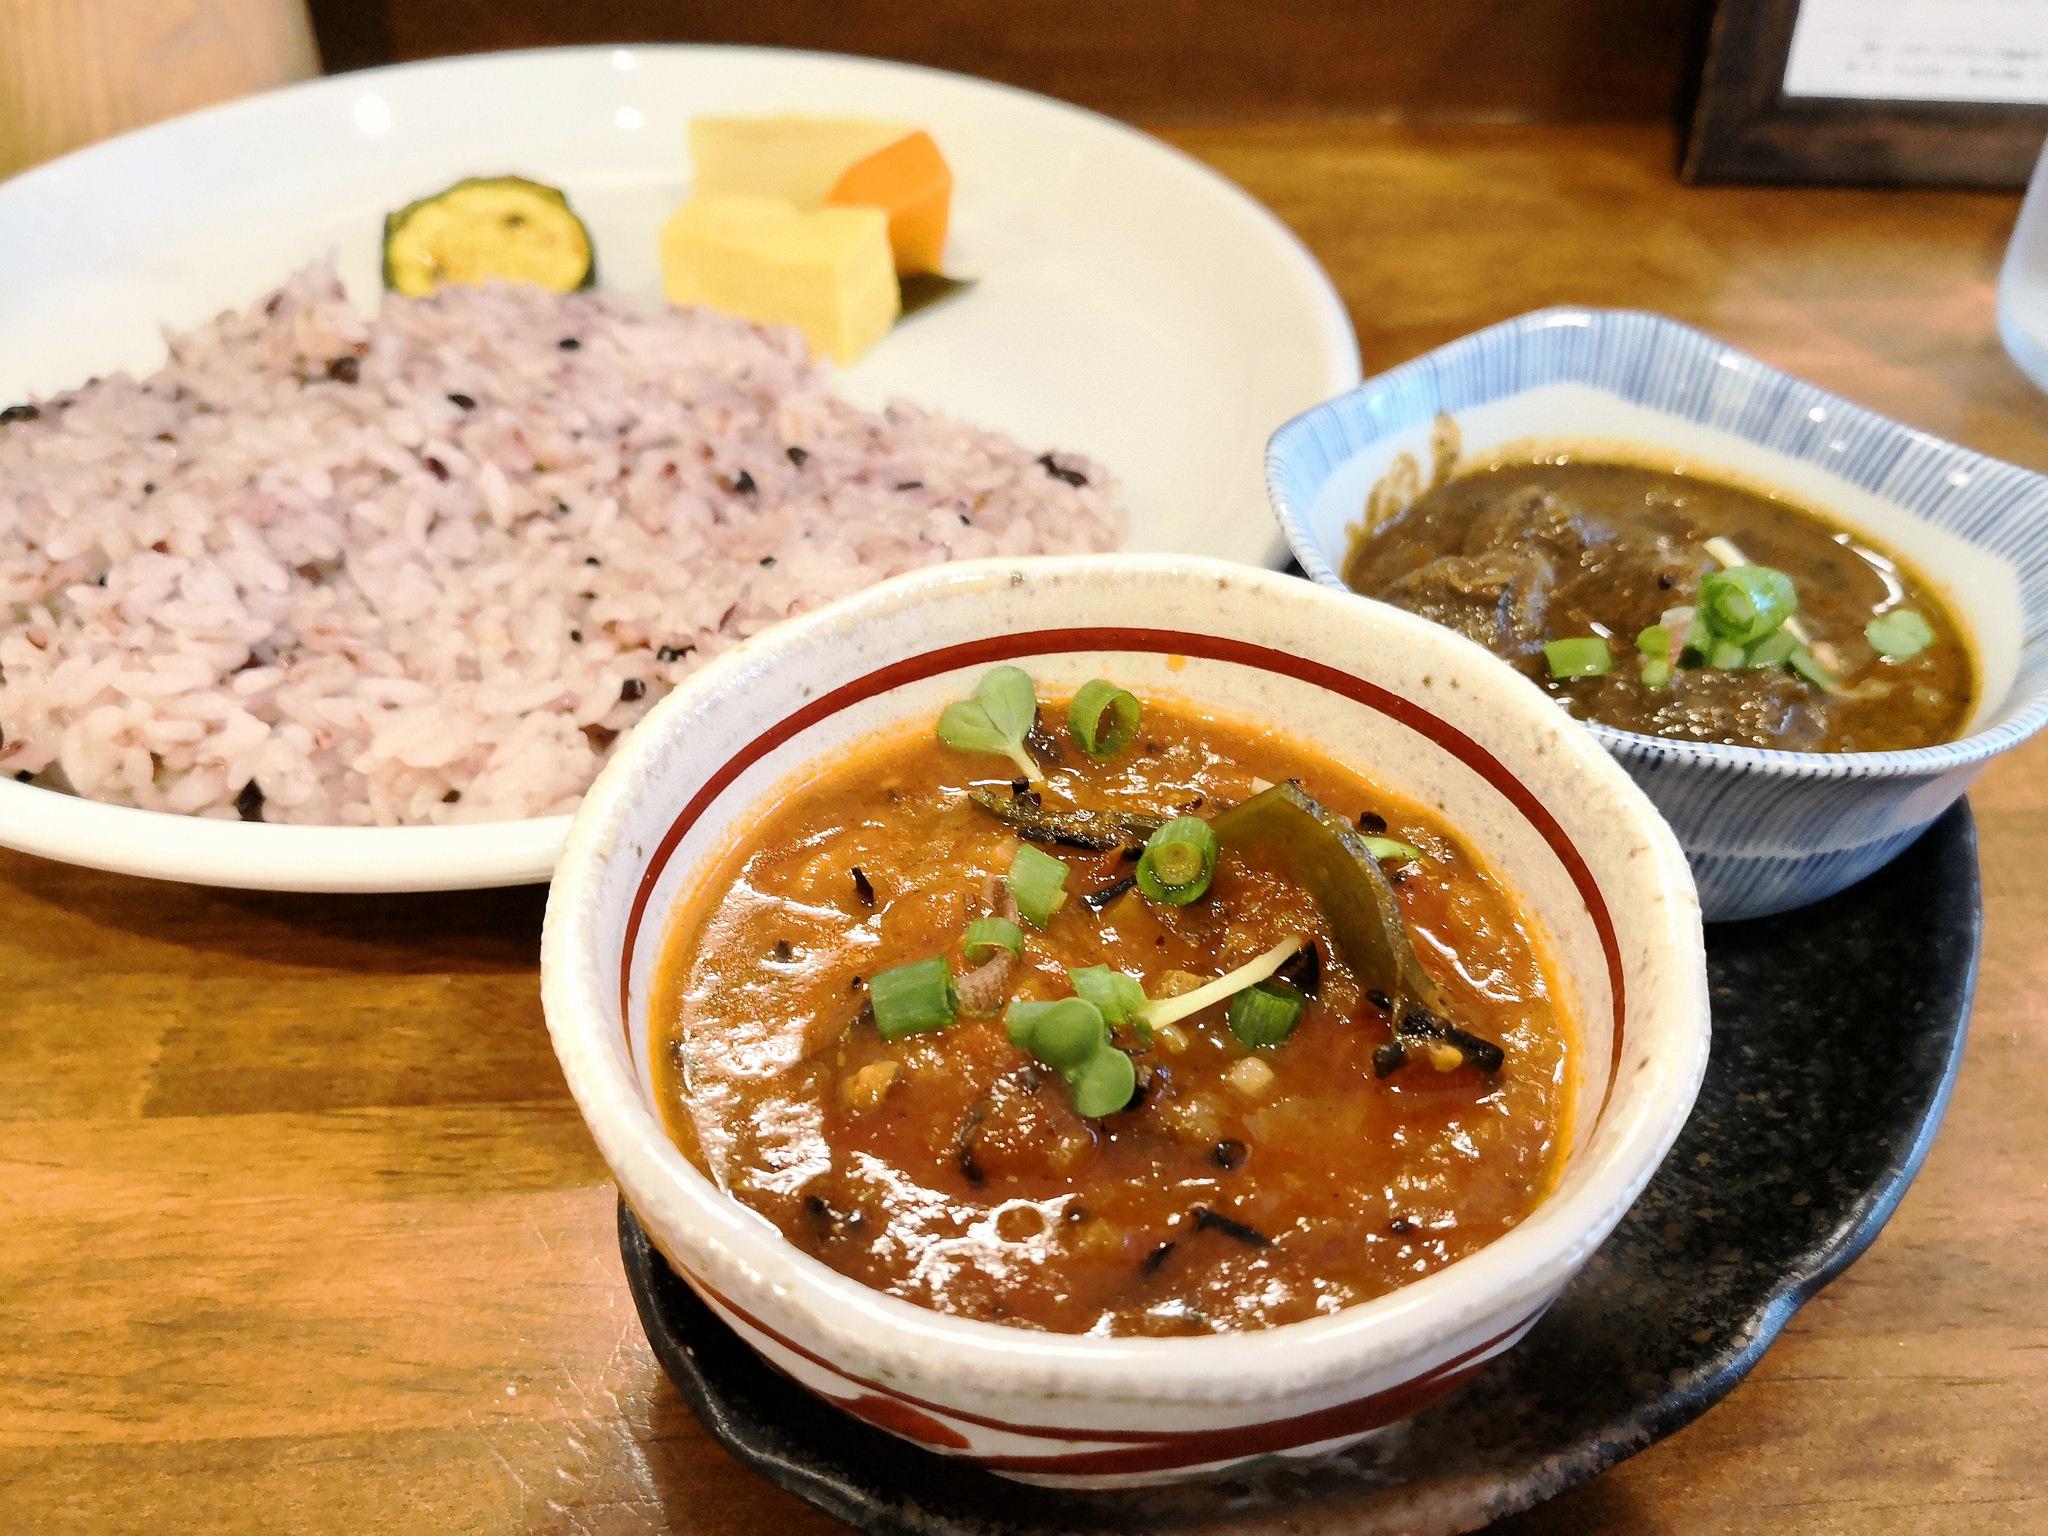 【初台】和魂印才たんどーる@お惣菜のような和テイストの優しいカレー。